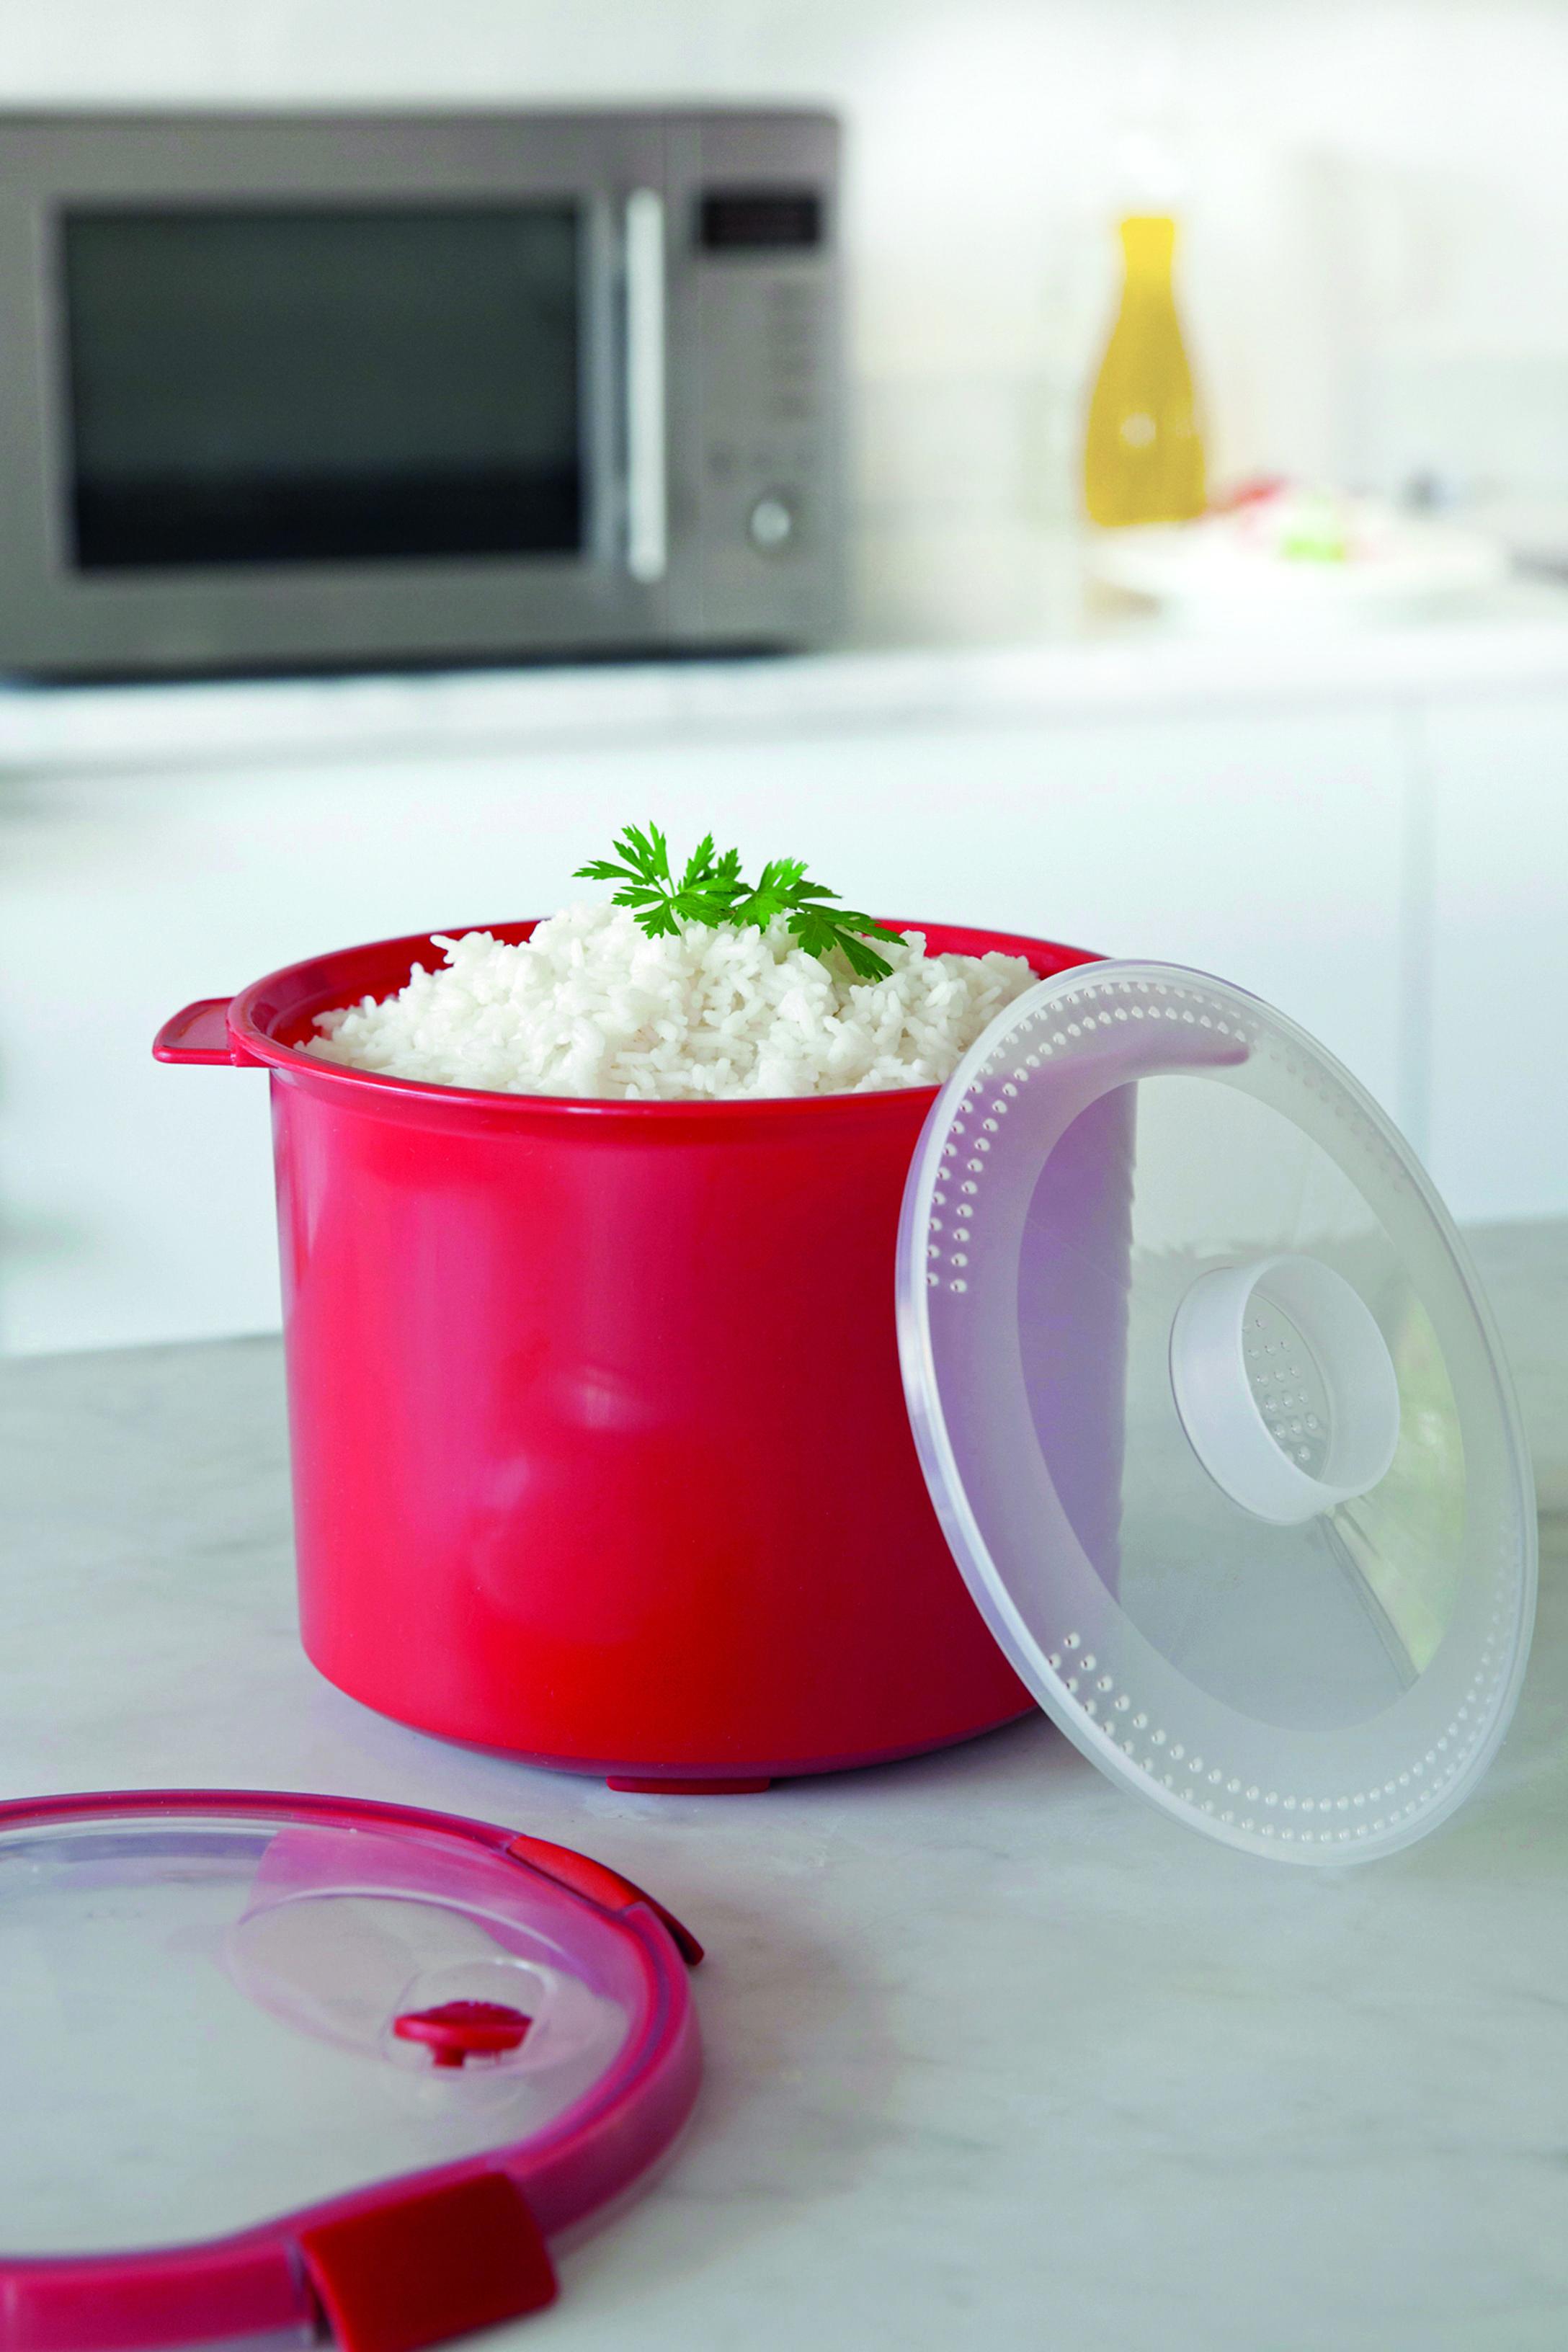 Cosas que puede hacer el microondas más allá de calentar.